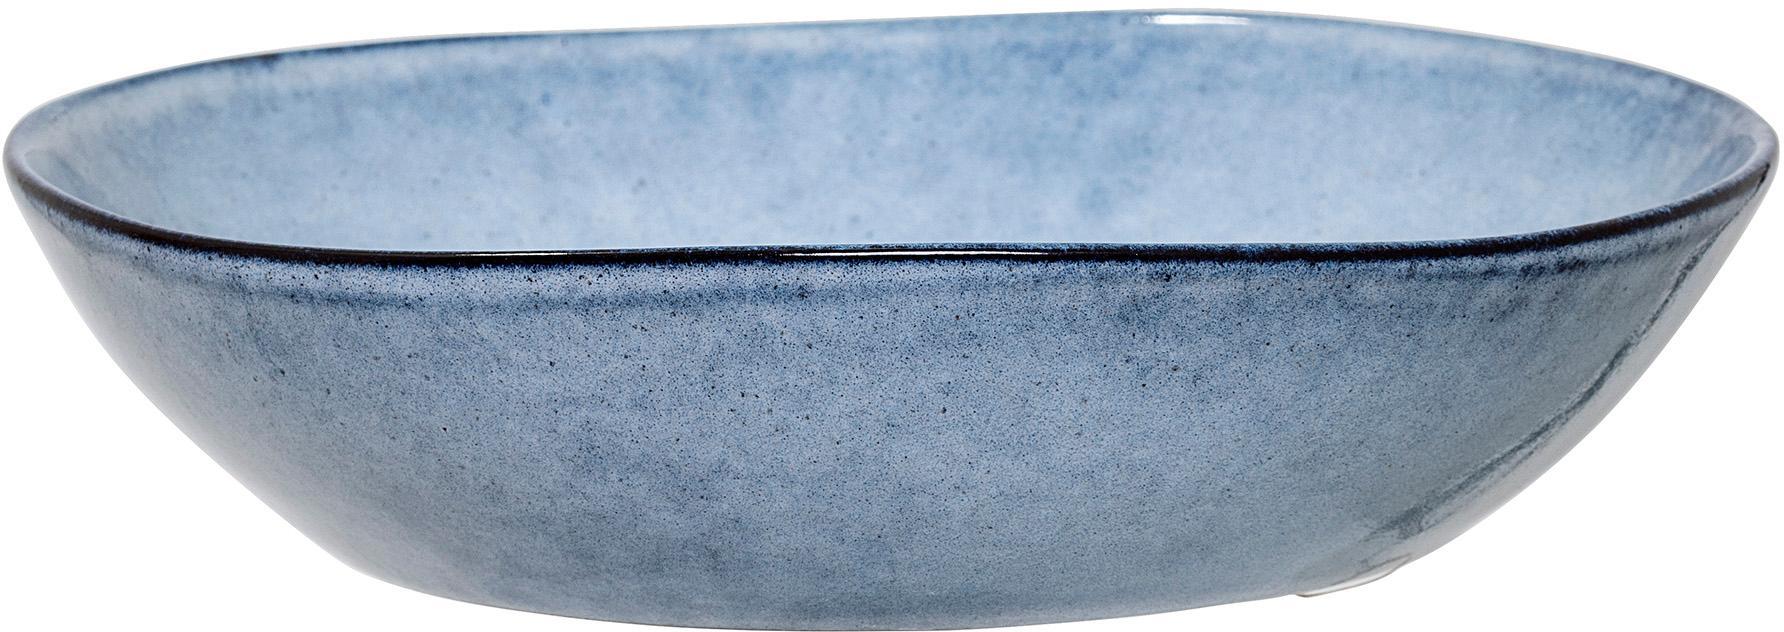 Ręcznie wykonany talerz głęboki Sandrine, Ceramika, Niebieski, Ø 22 x W 5 cm